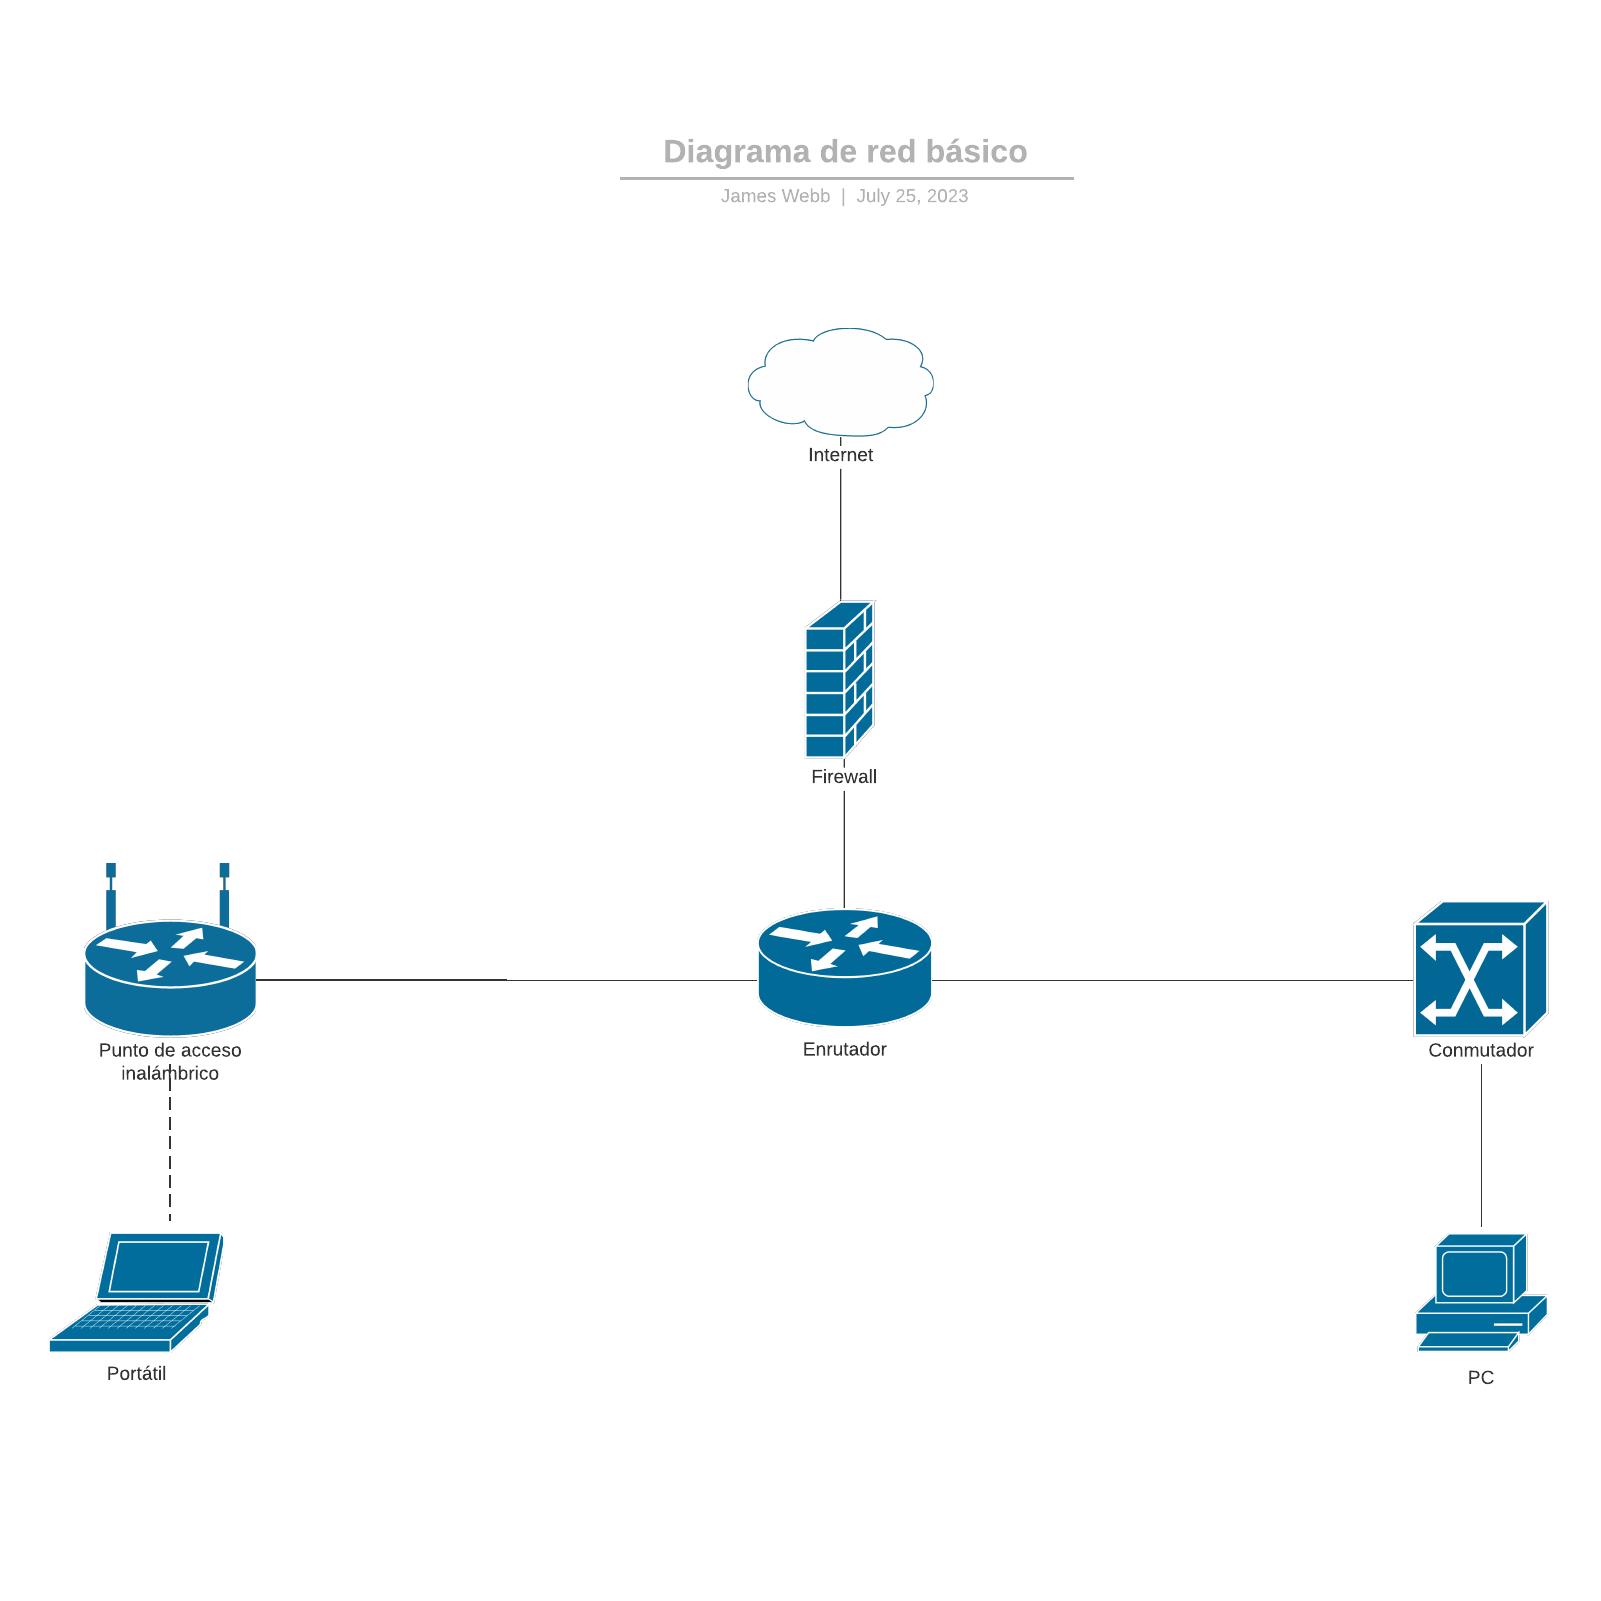 Diagrama de red básico